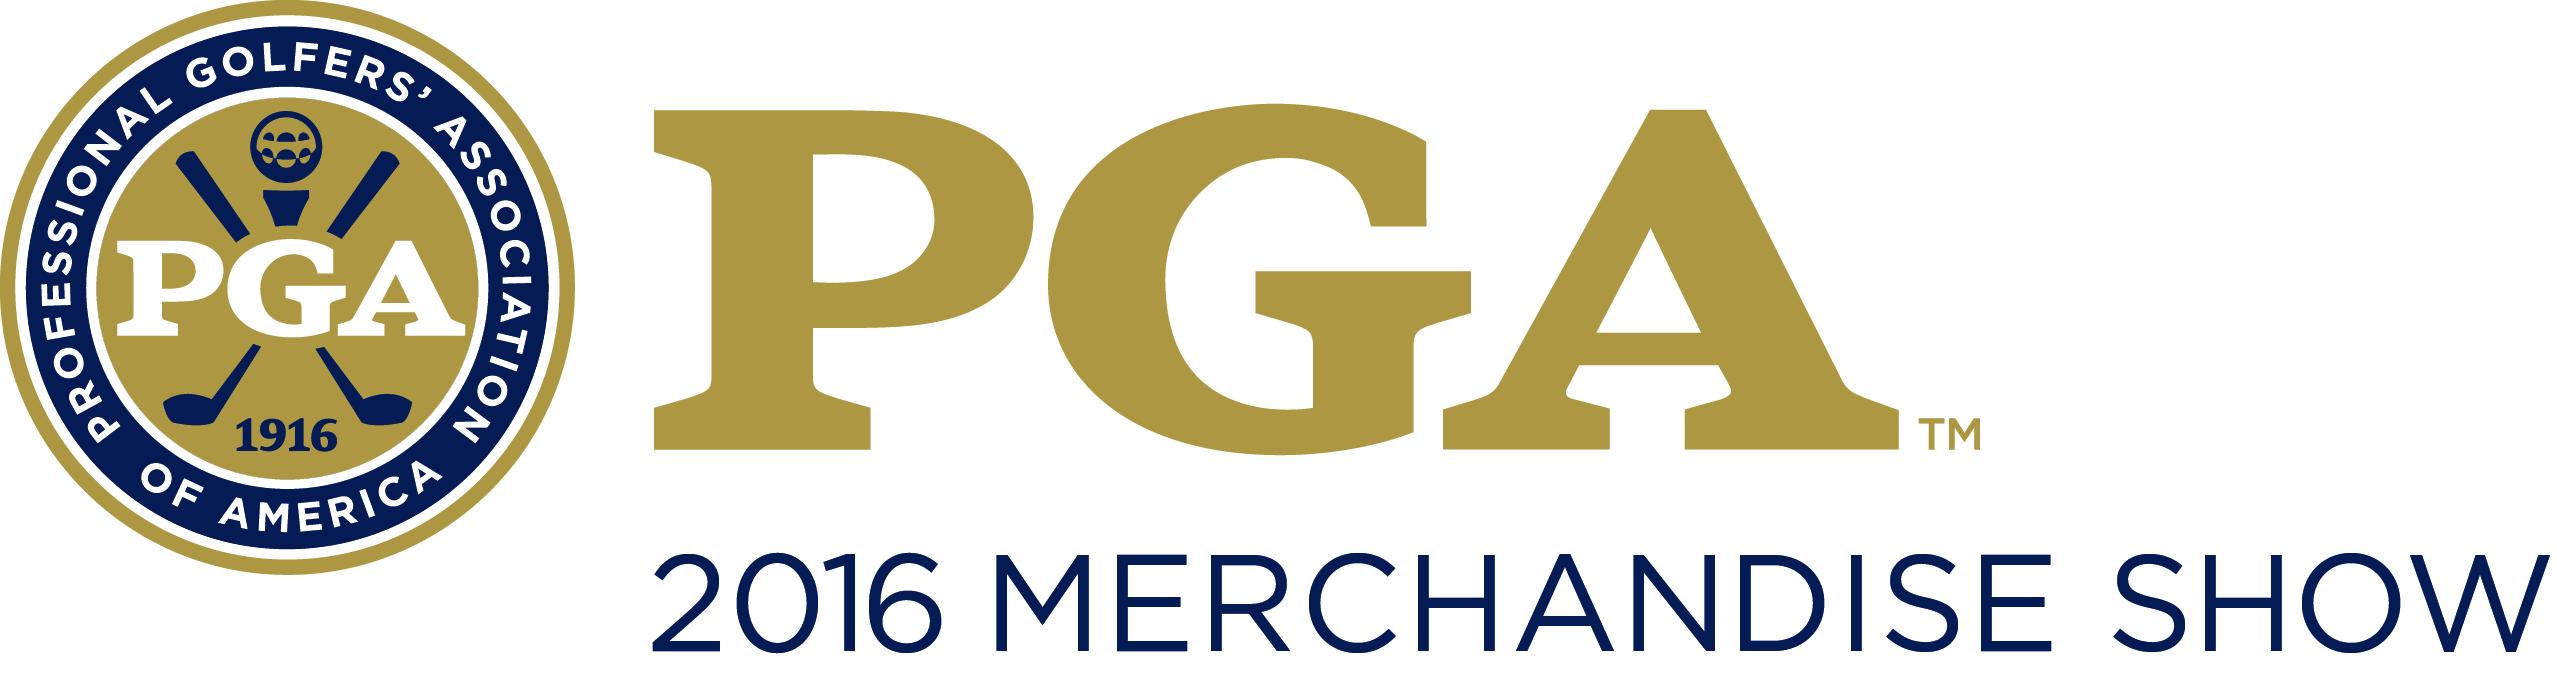 PGA 100 in 2016